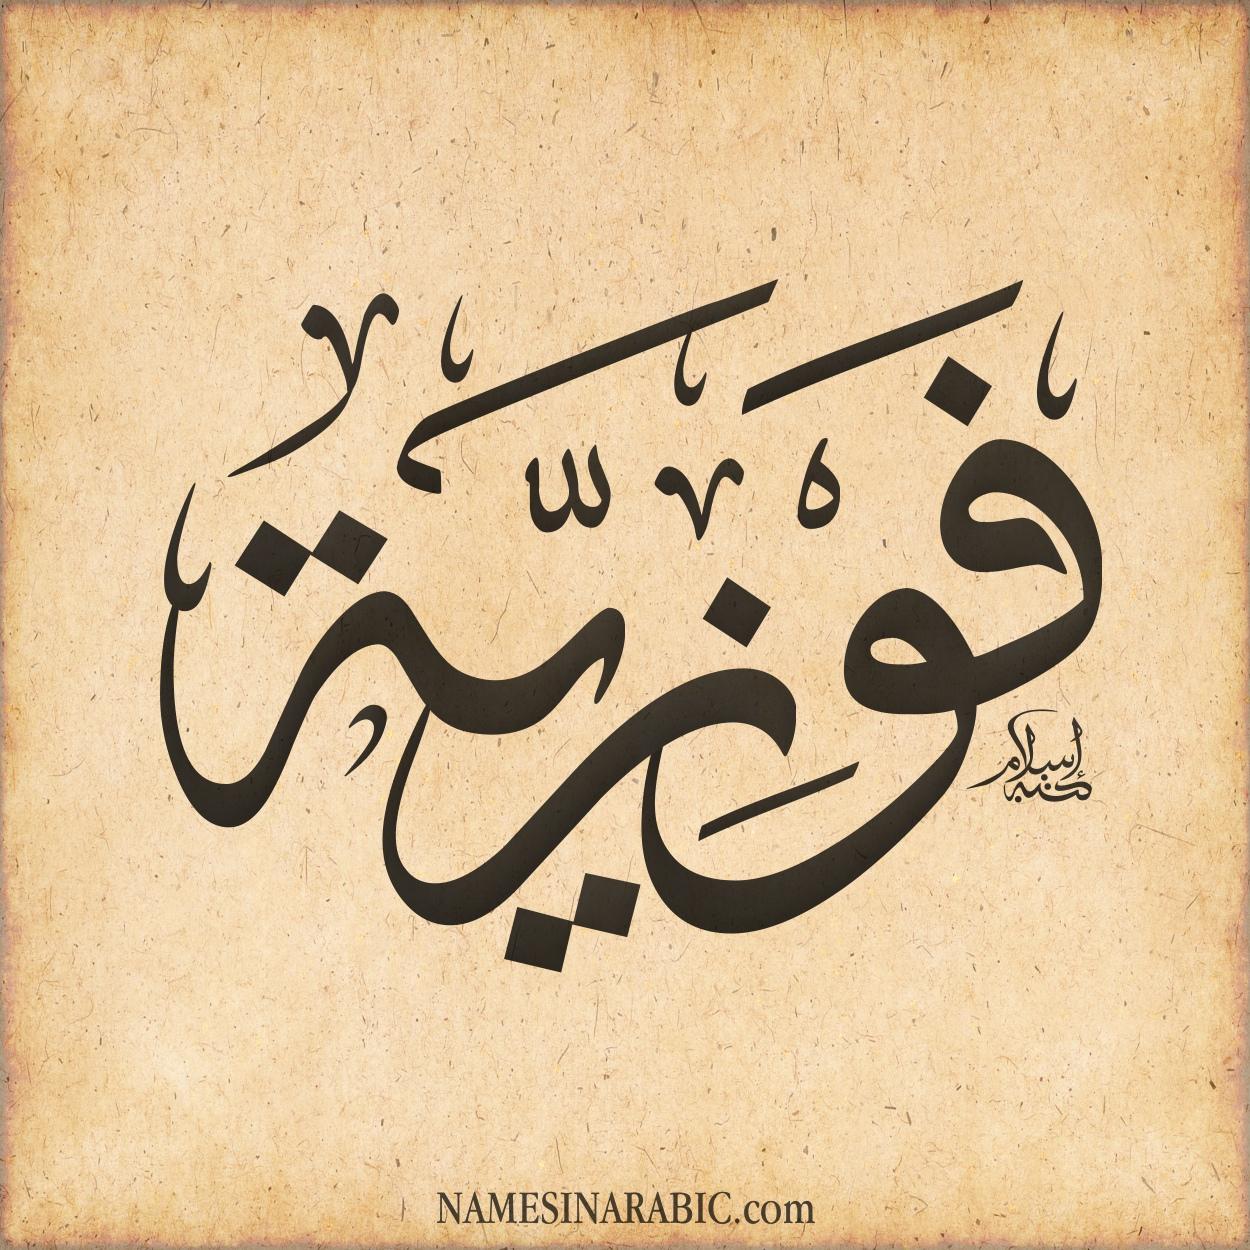 صورة اسم فوزية Fawziya اسم فوزية بالخط العربي من موقع الأسماء بالخط العربي بريشة الفنان إسلام ابن الفضل